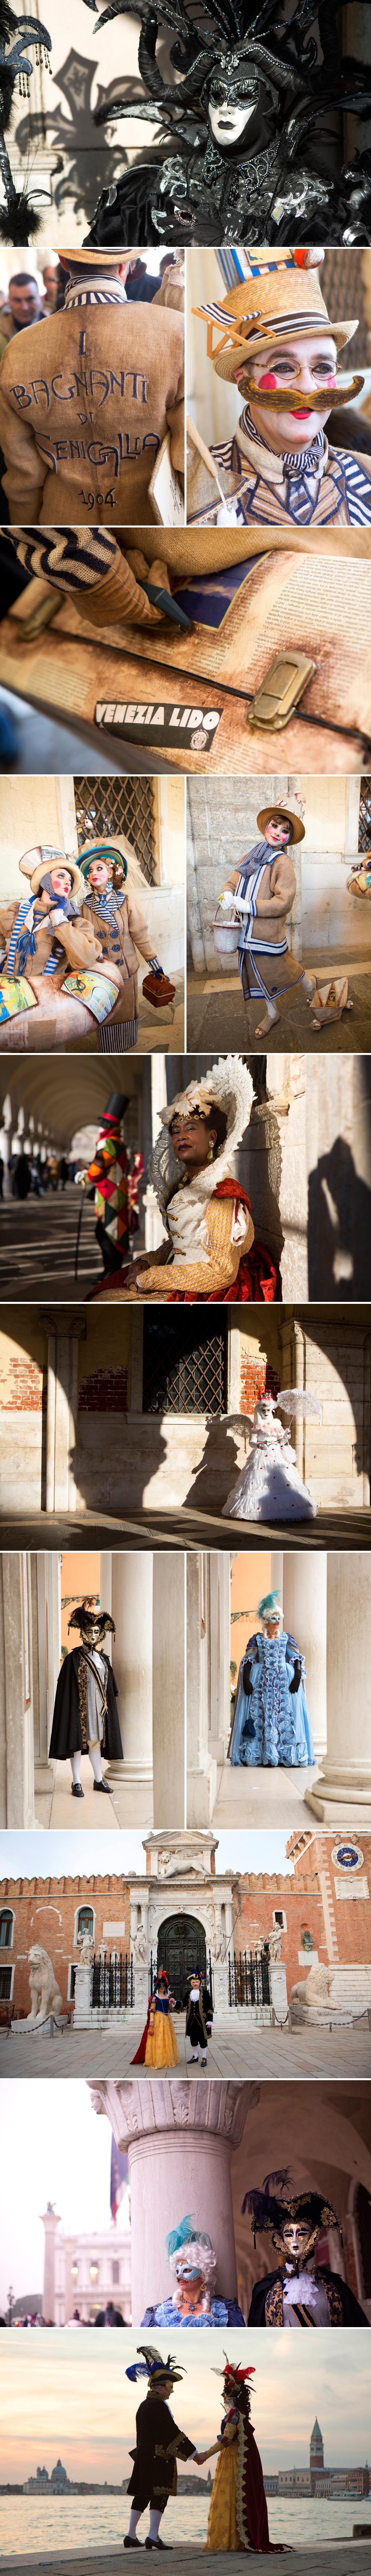 carnival of venice 2016